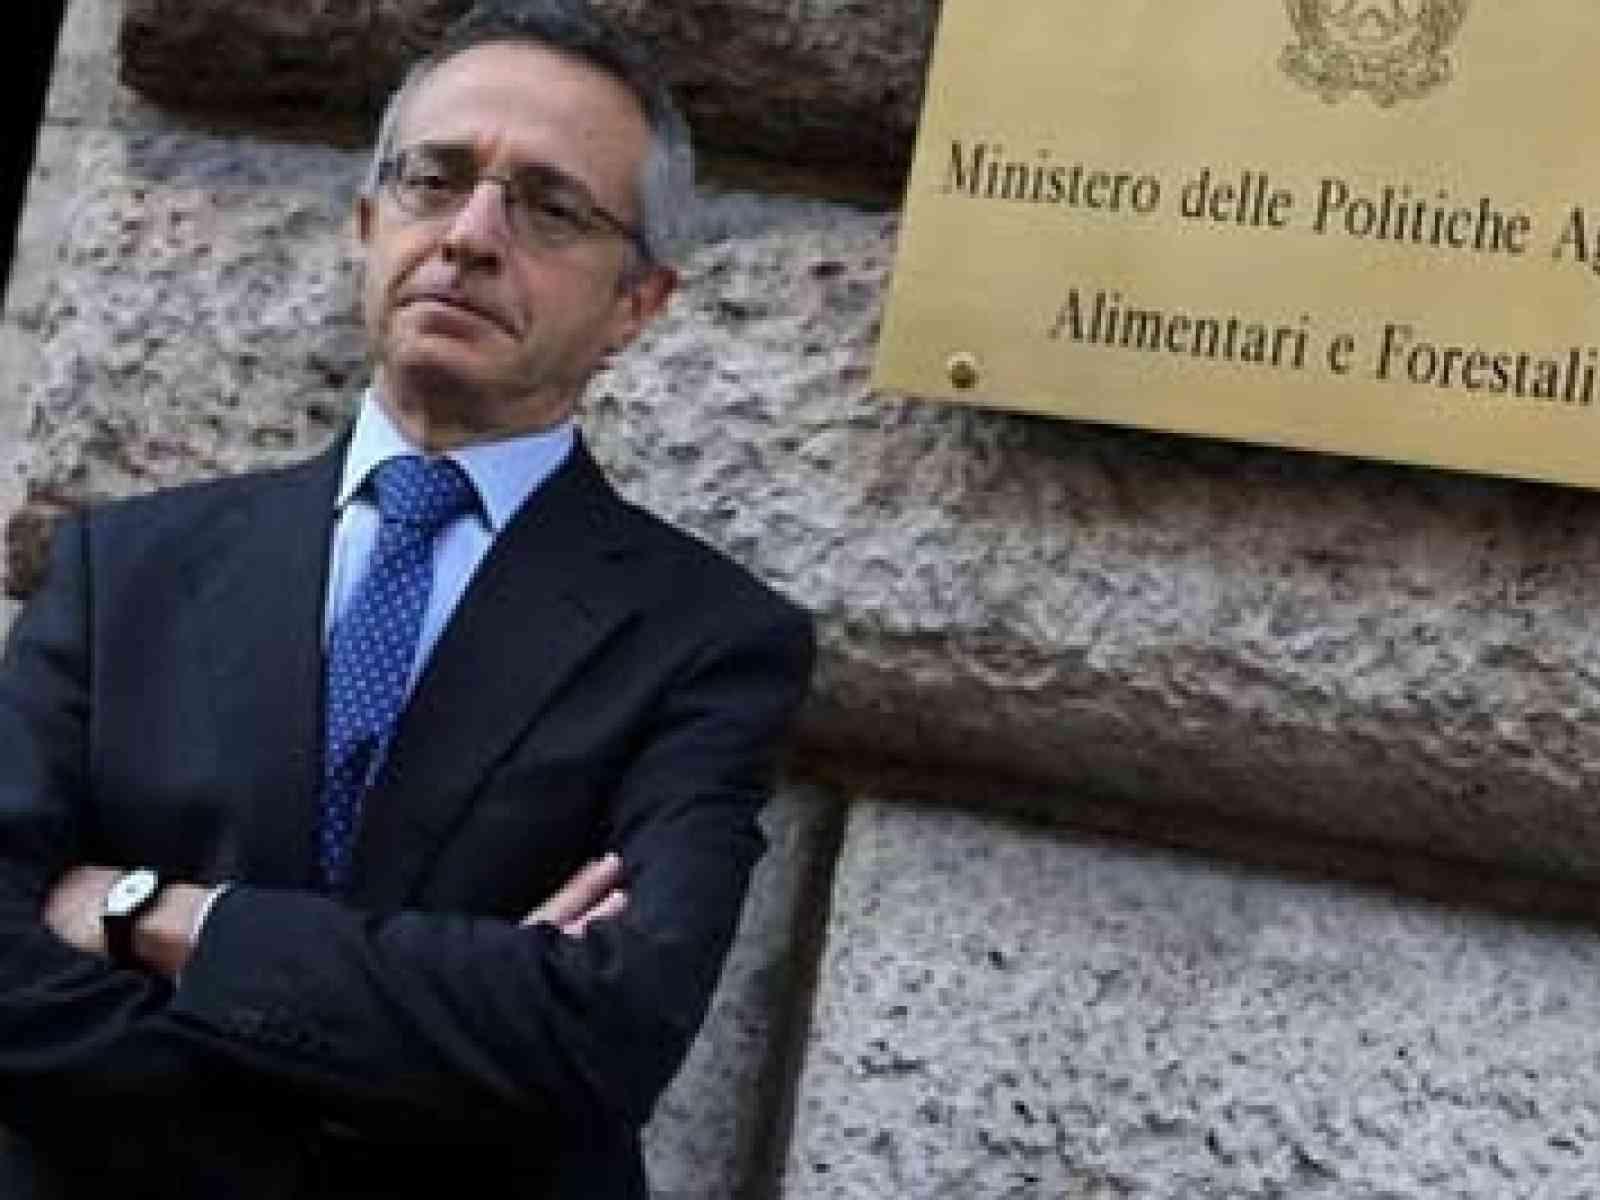 Liberalizzazioni: Ministro Catania, in Decreto legge interventi per rilancio agricoltura